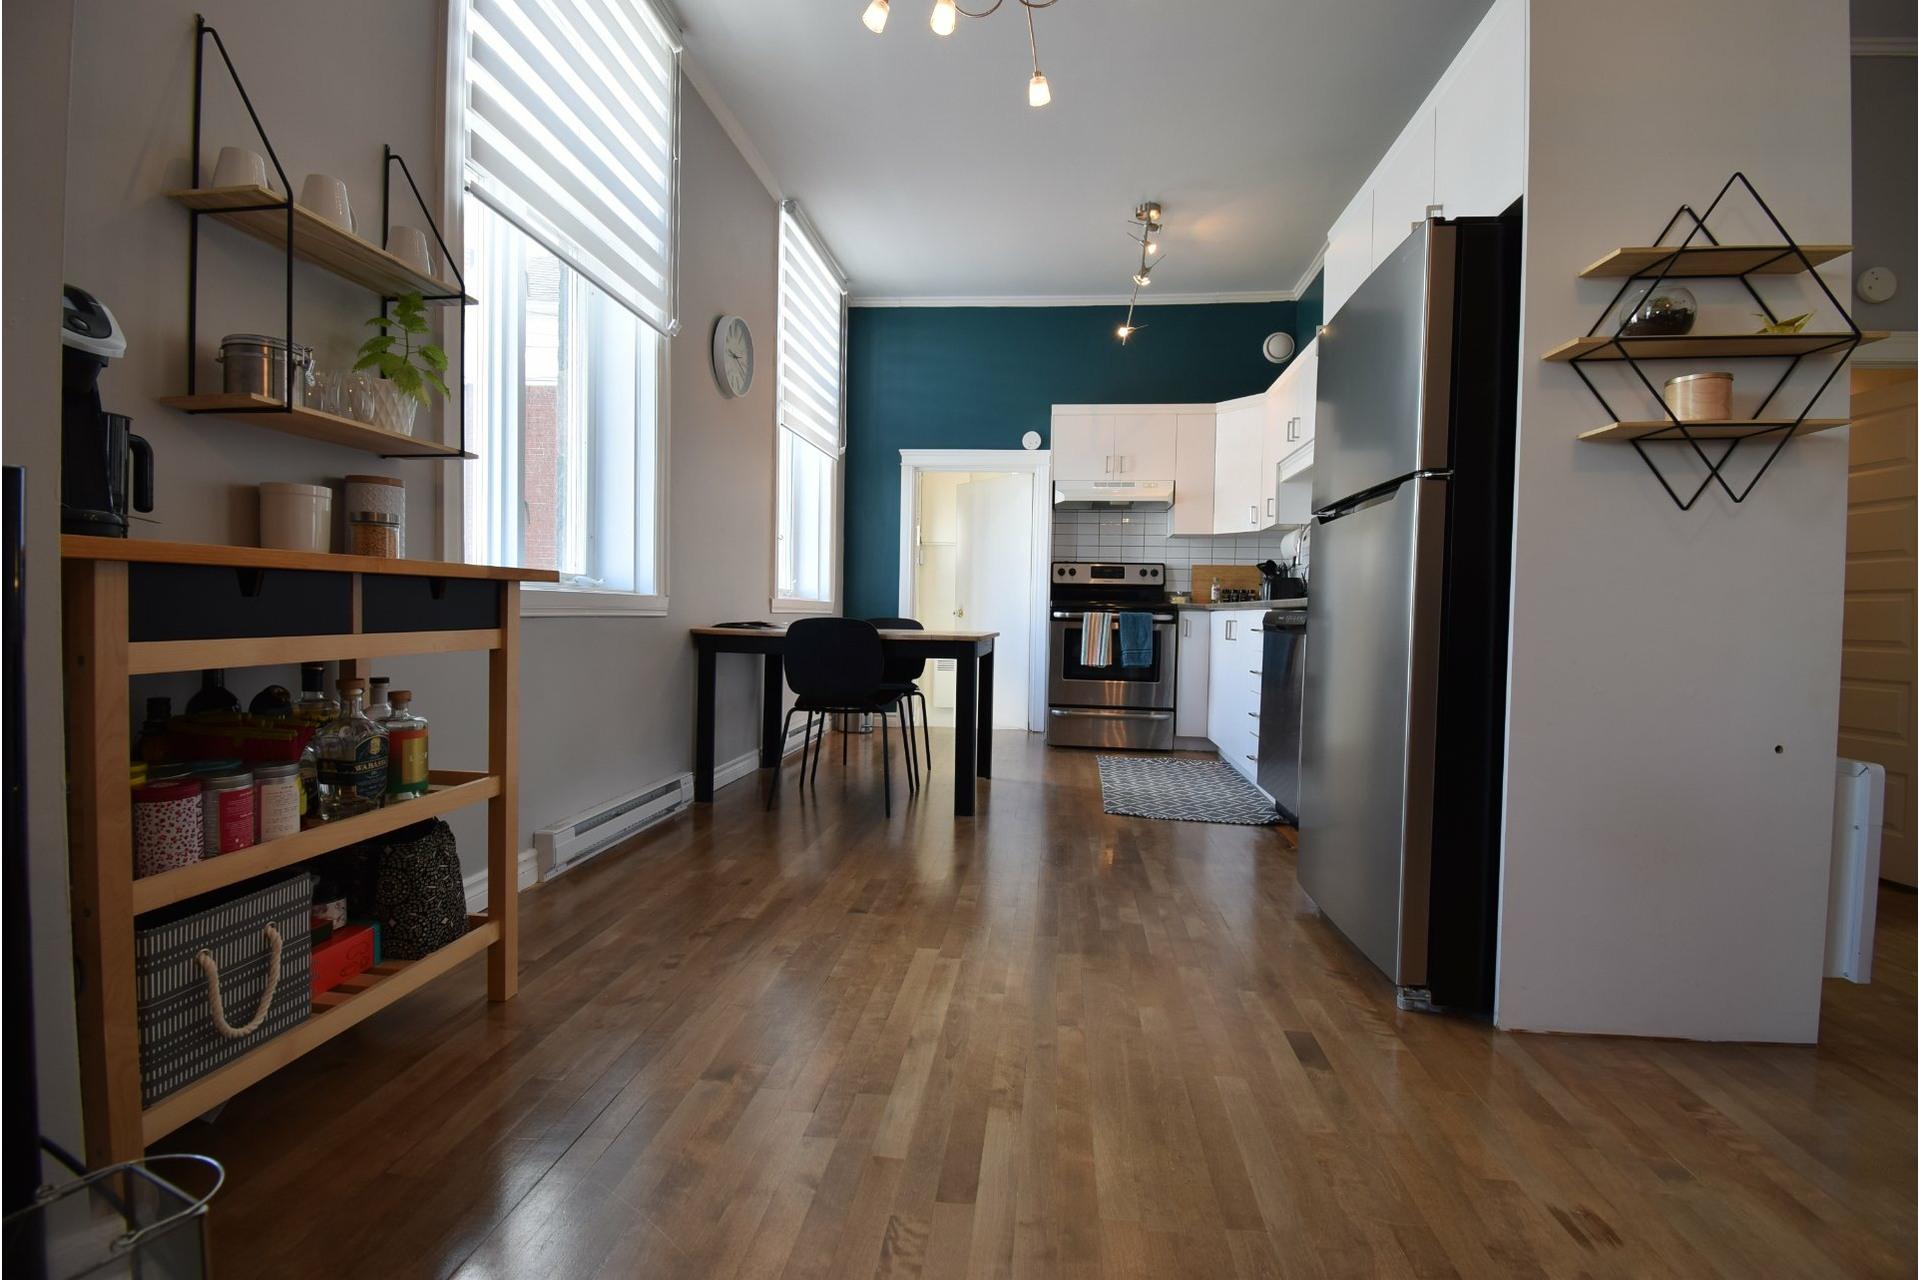 image 3 - Duplex À vendre Trois-Rivières - 4 pièces